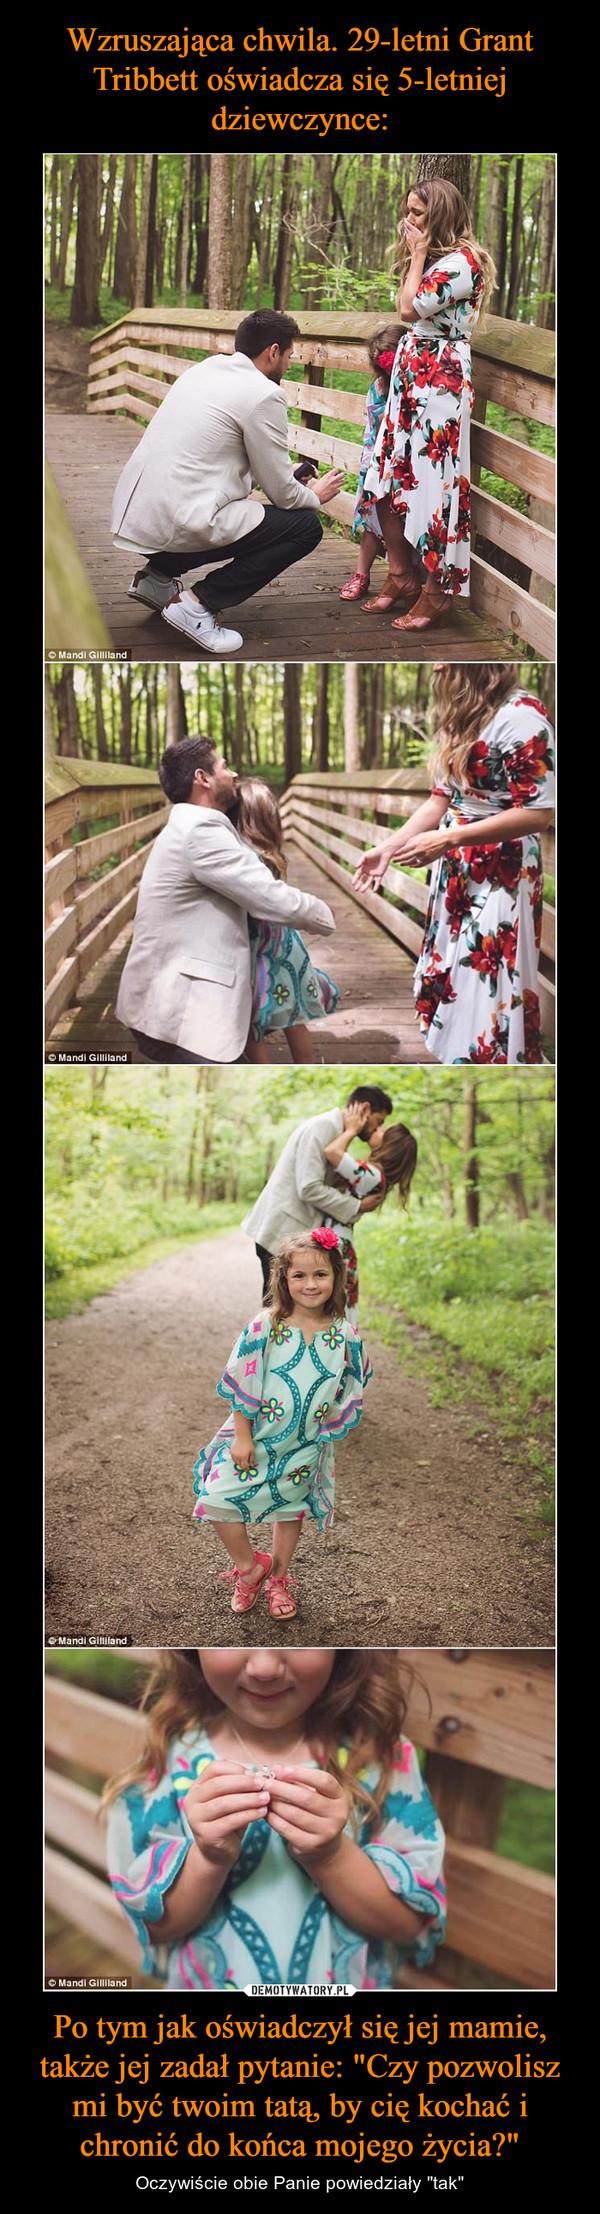 """Po tym jak oświadczył się jej mamie, także jej zadał pytanie: """"Czy pozwolisz mi być twoim tatą, by cię kochać i chronić do końca mojego życia?"""" – Oczywiście obie Panie powiedziały """"tak"""""""